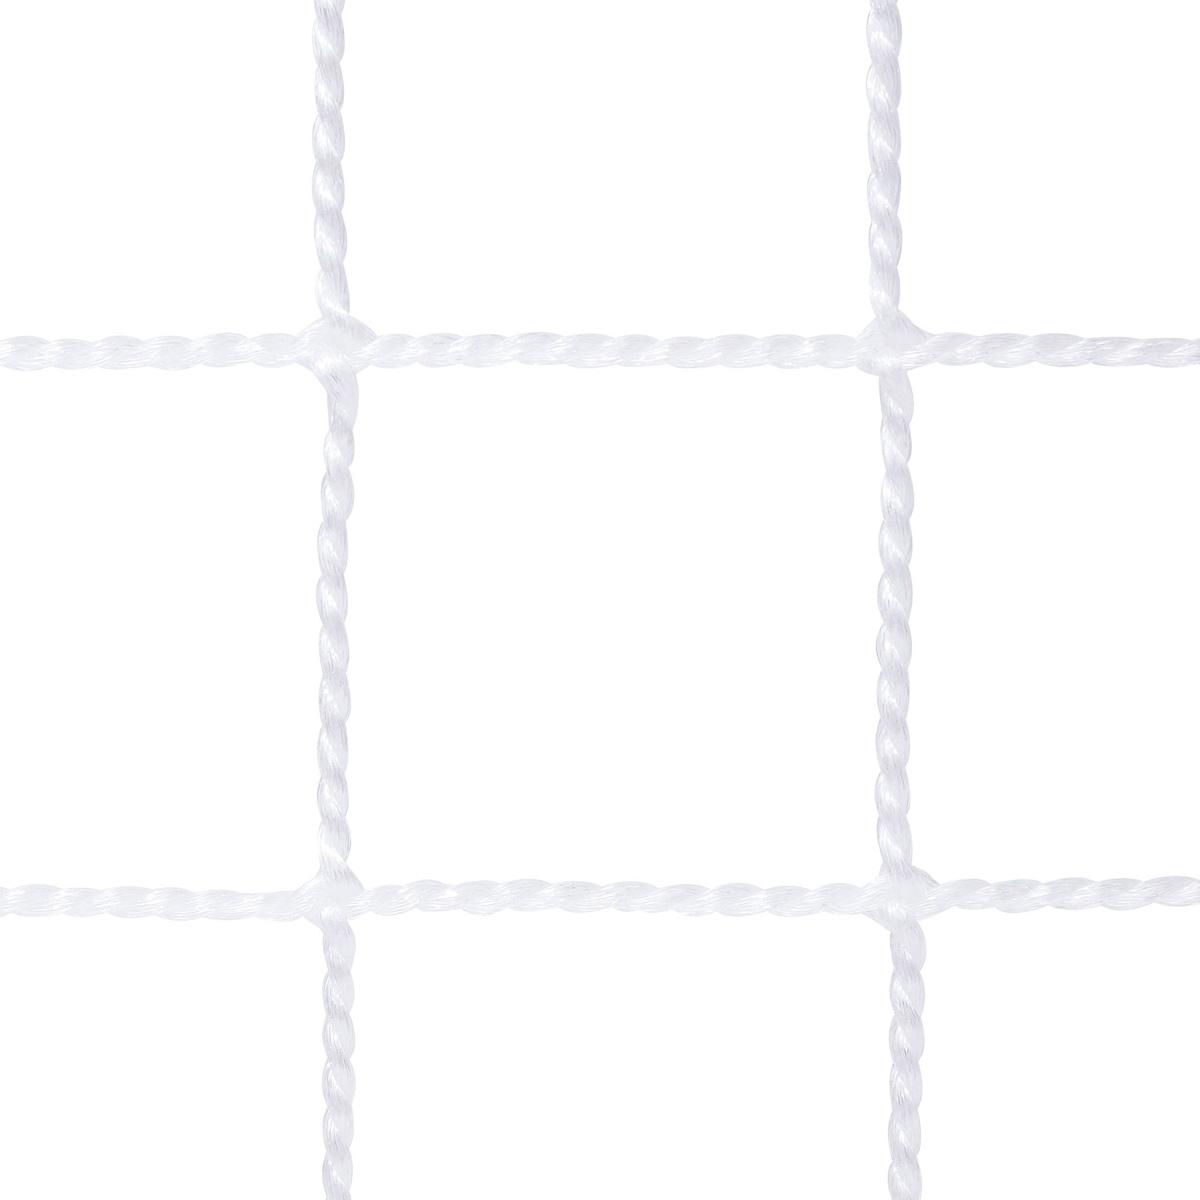 〈ヨリ線ネット37.5〉目合い:37.5mm カラー:ホワイト